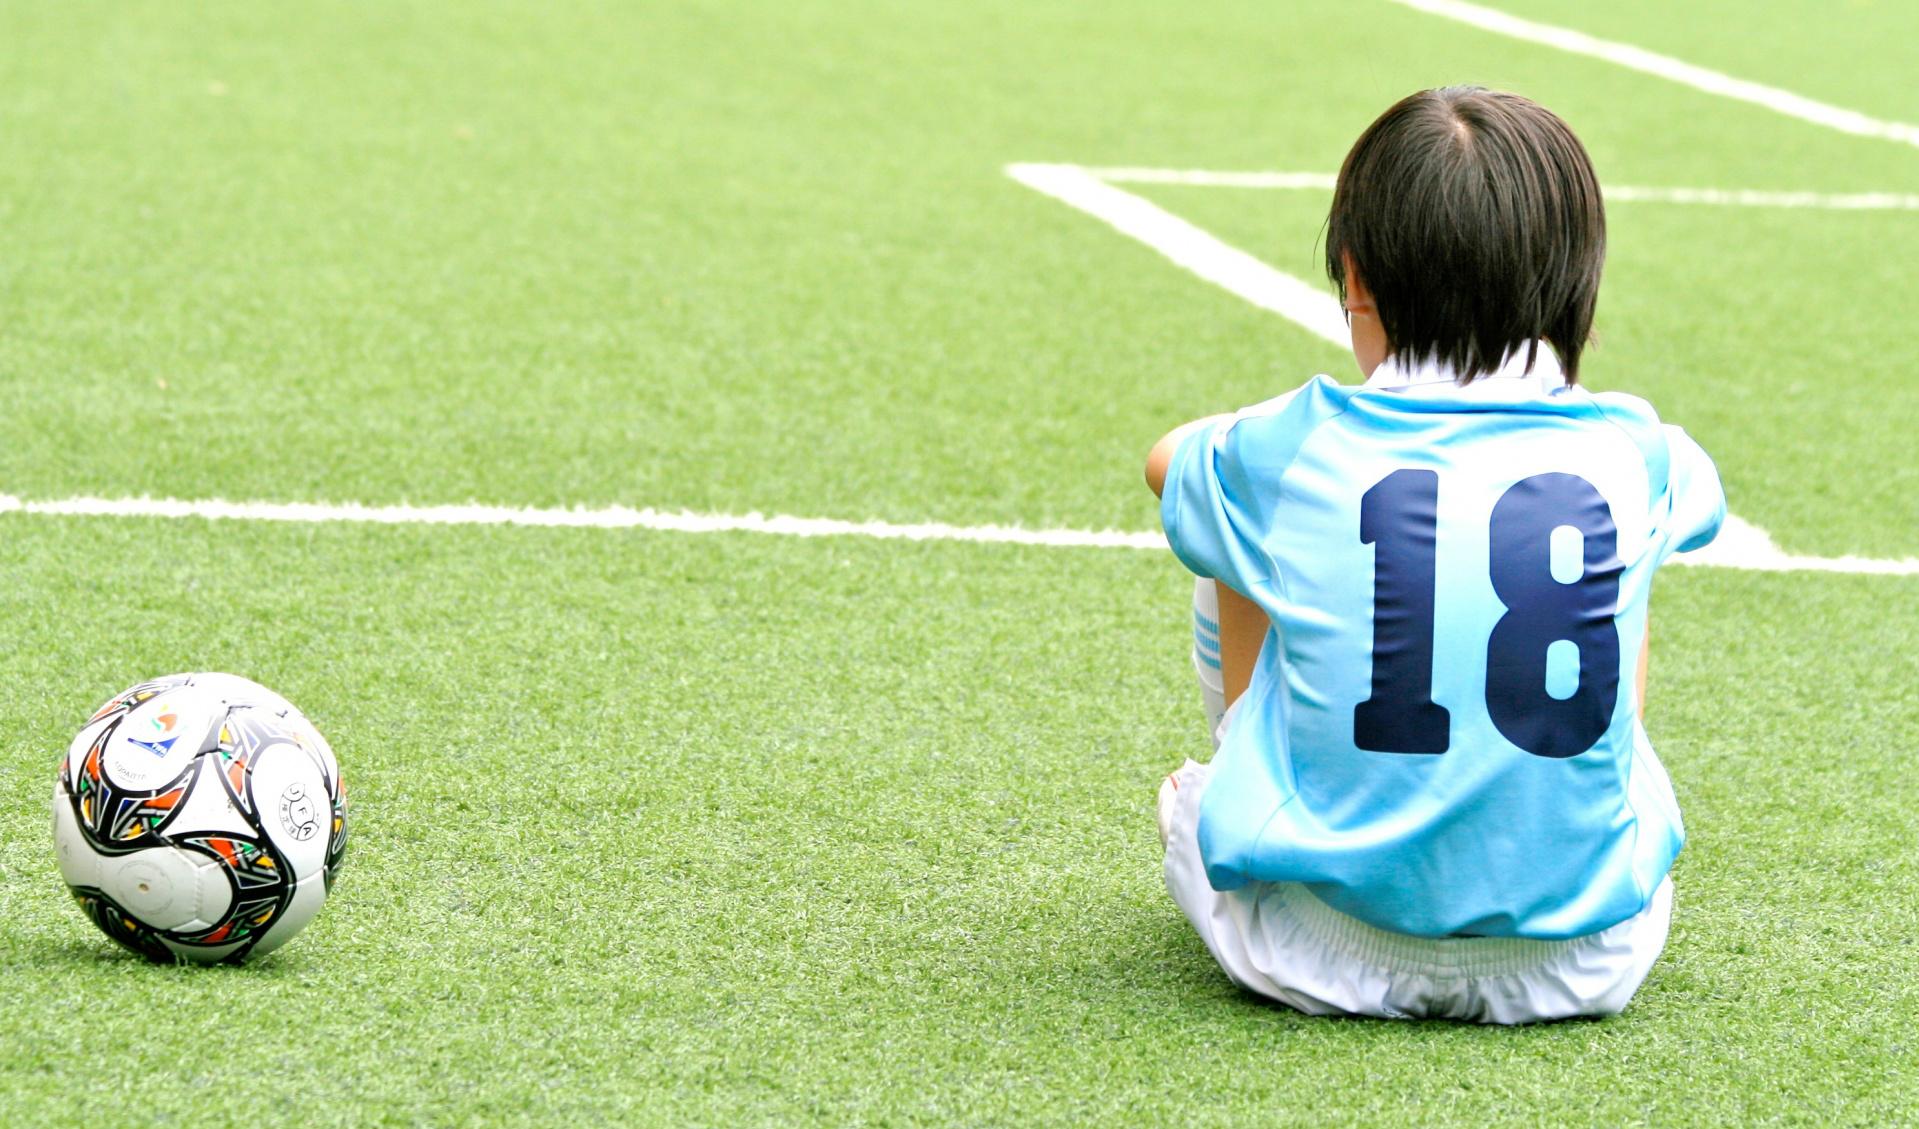 子どもの運動能力を高めるために必要なこと(後編)-運動嫌いを生み、生活習慣病のリスクを高める体育や運動会